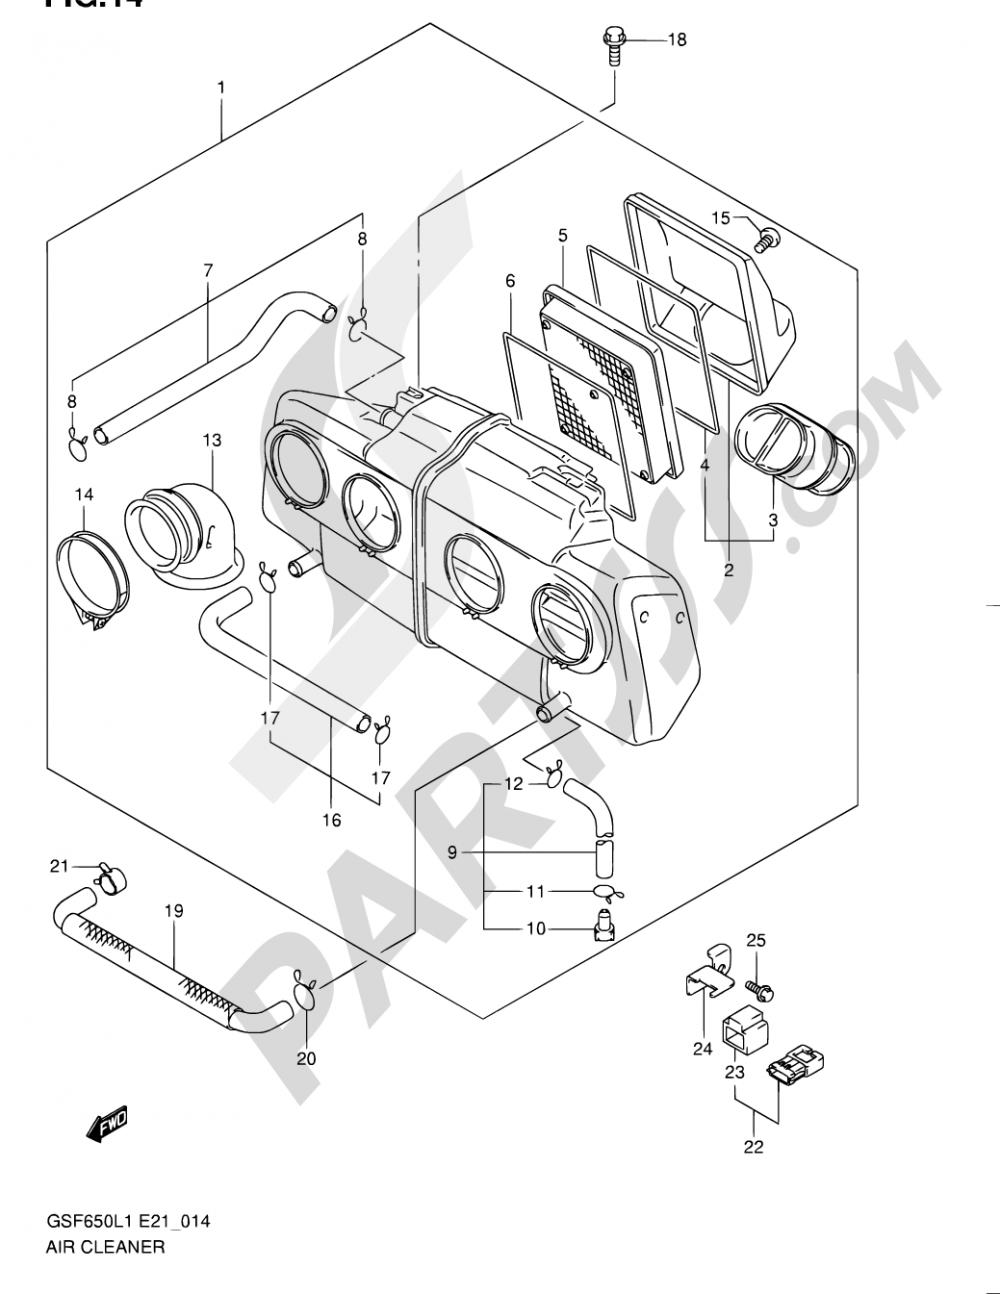 14 - AIR CLEANER Suzuki BANDIT GSF650SA 2011